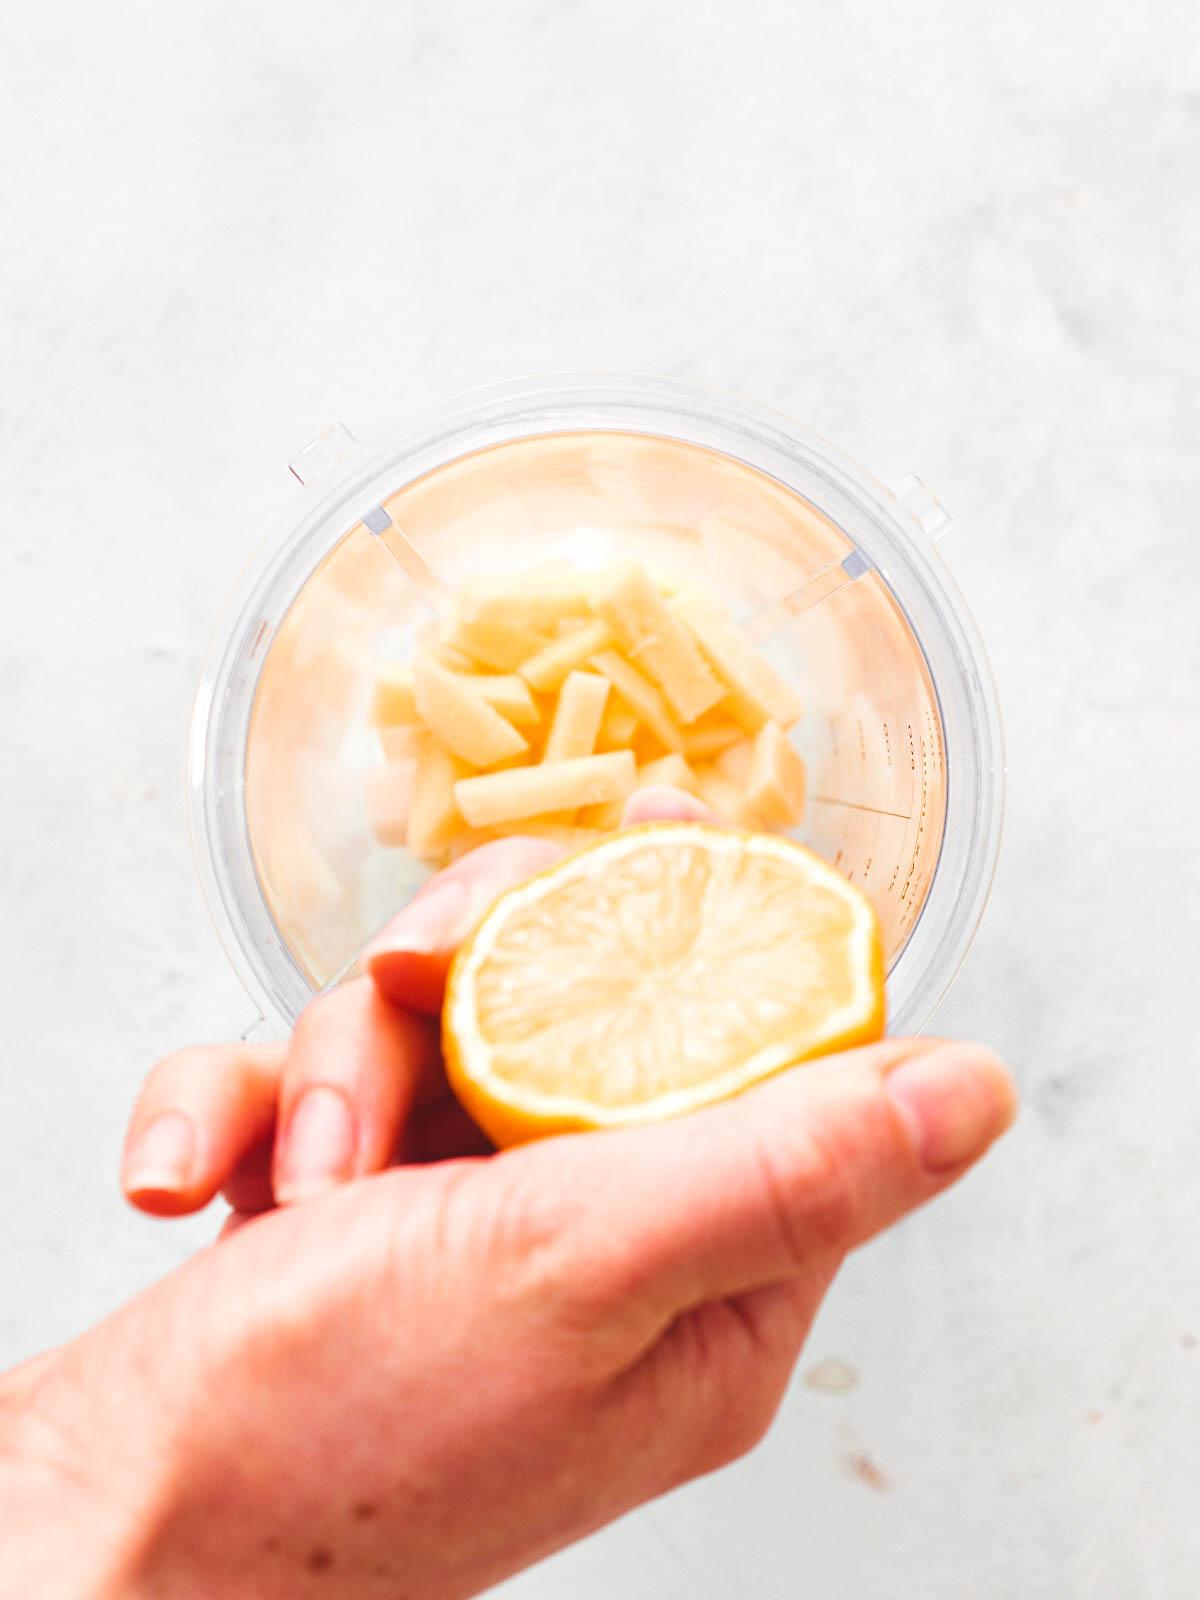 Adding the lemon to the blender